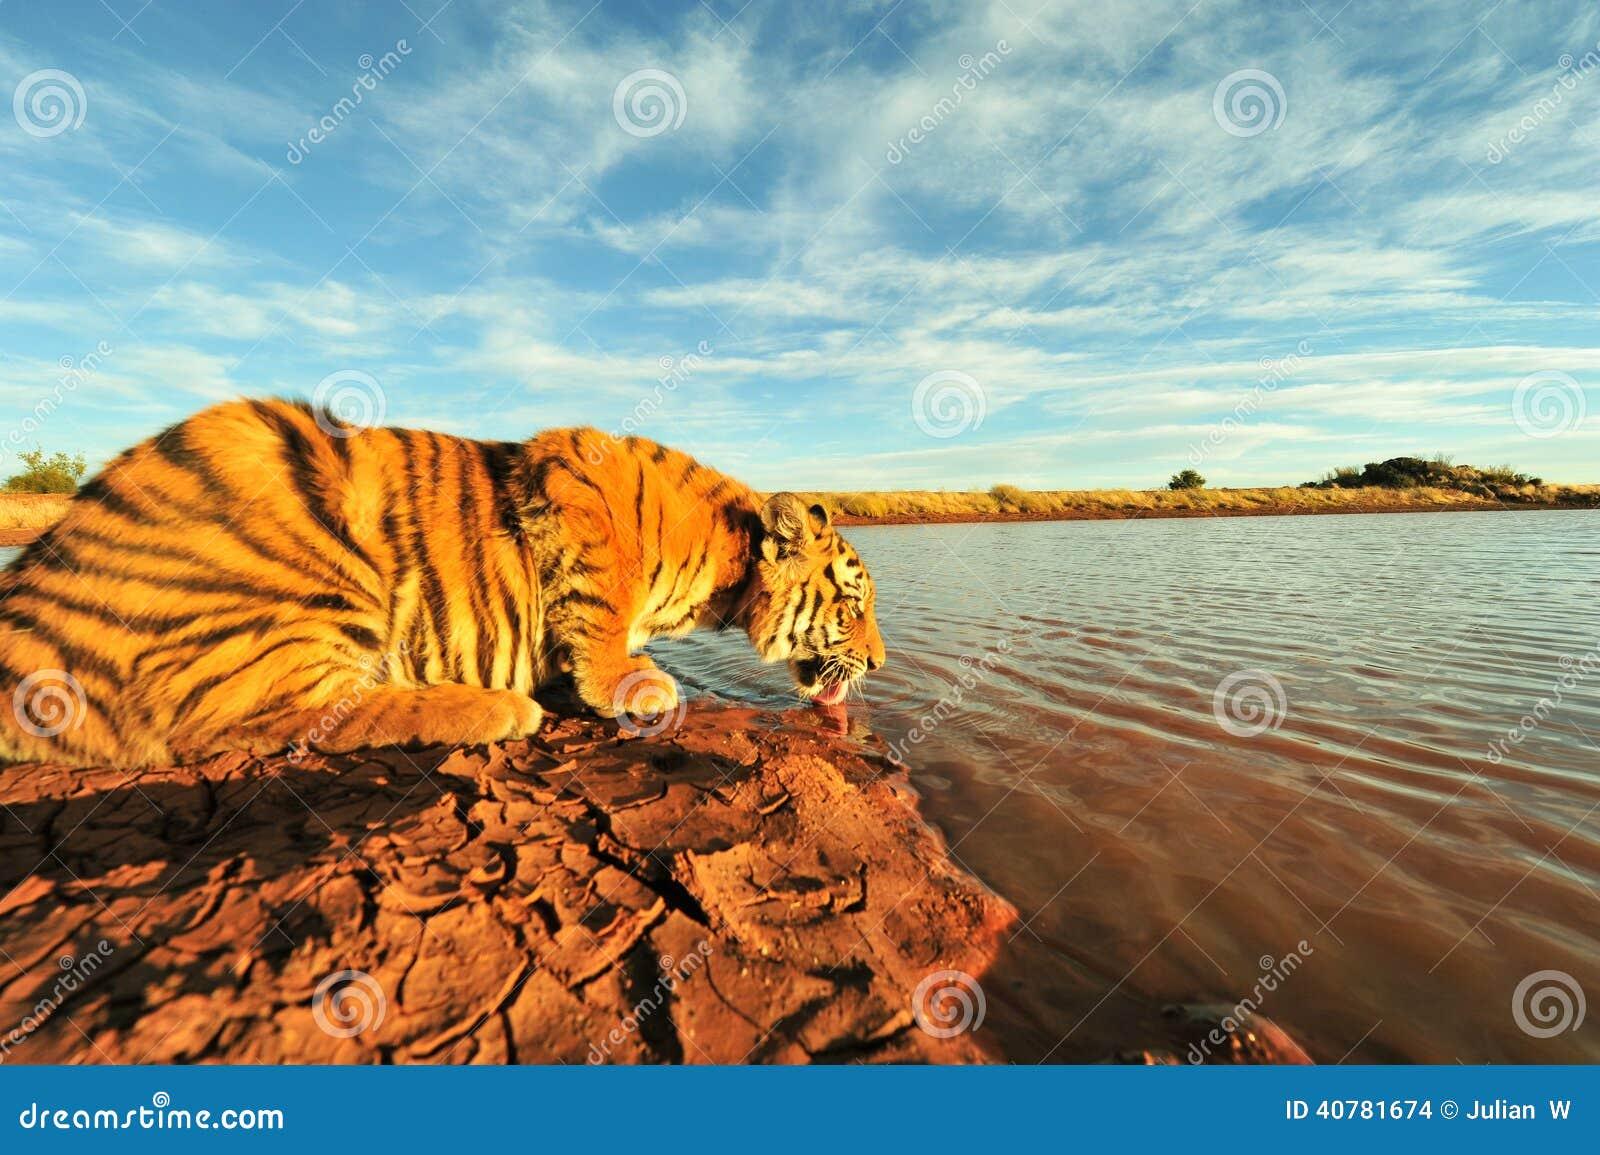 Tiger having a drink